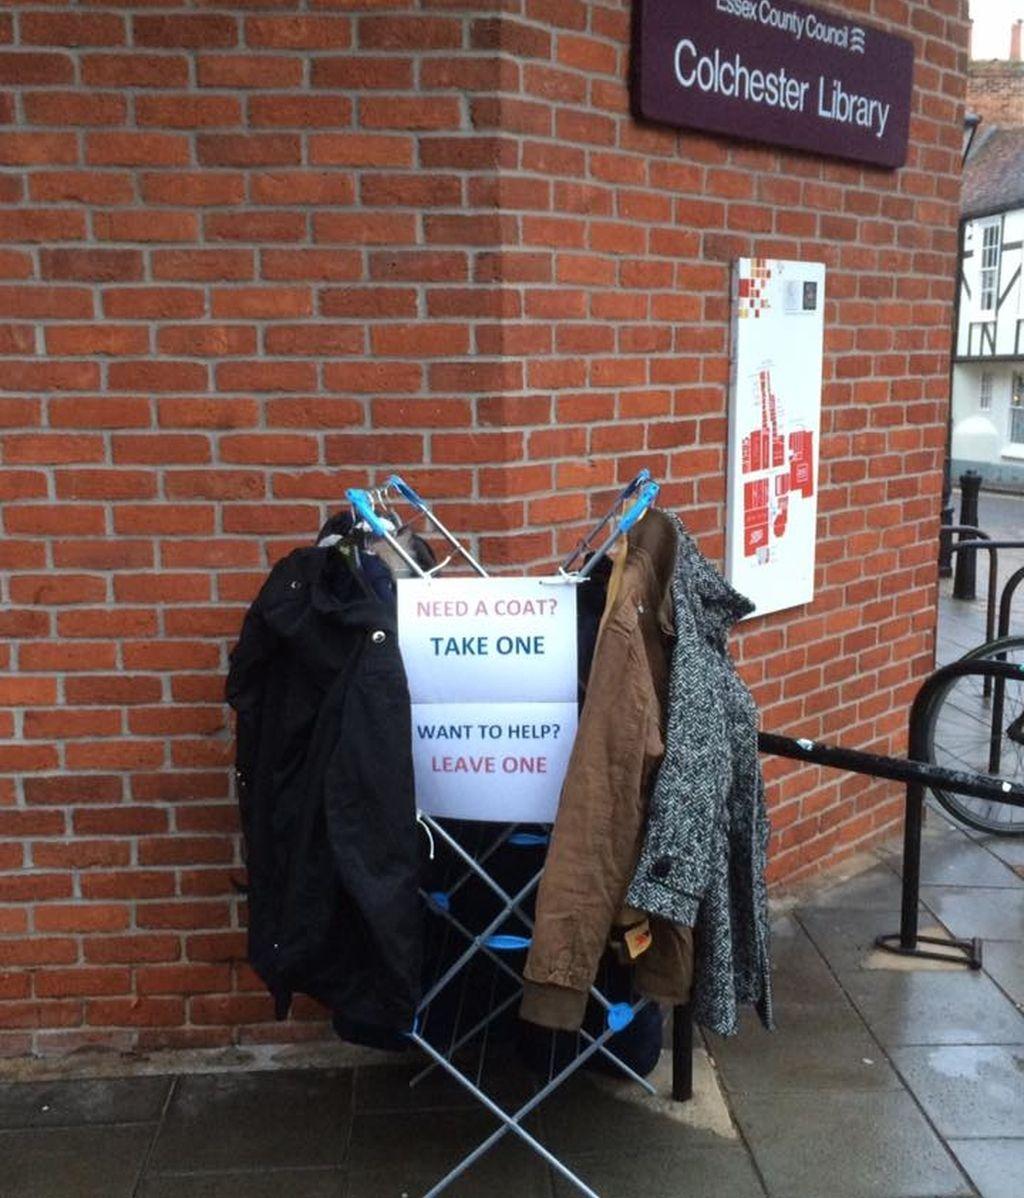 Solidaria iniciativa de intercambio de abrigos para ayudar a personas sin hogar